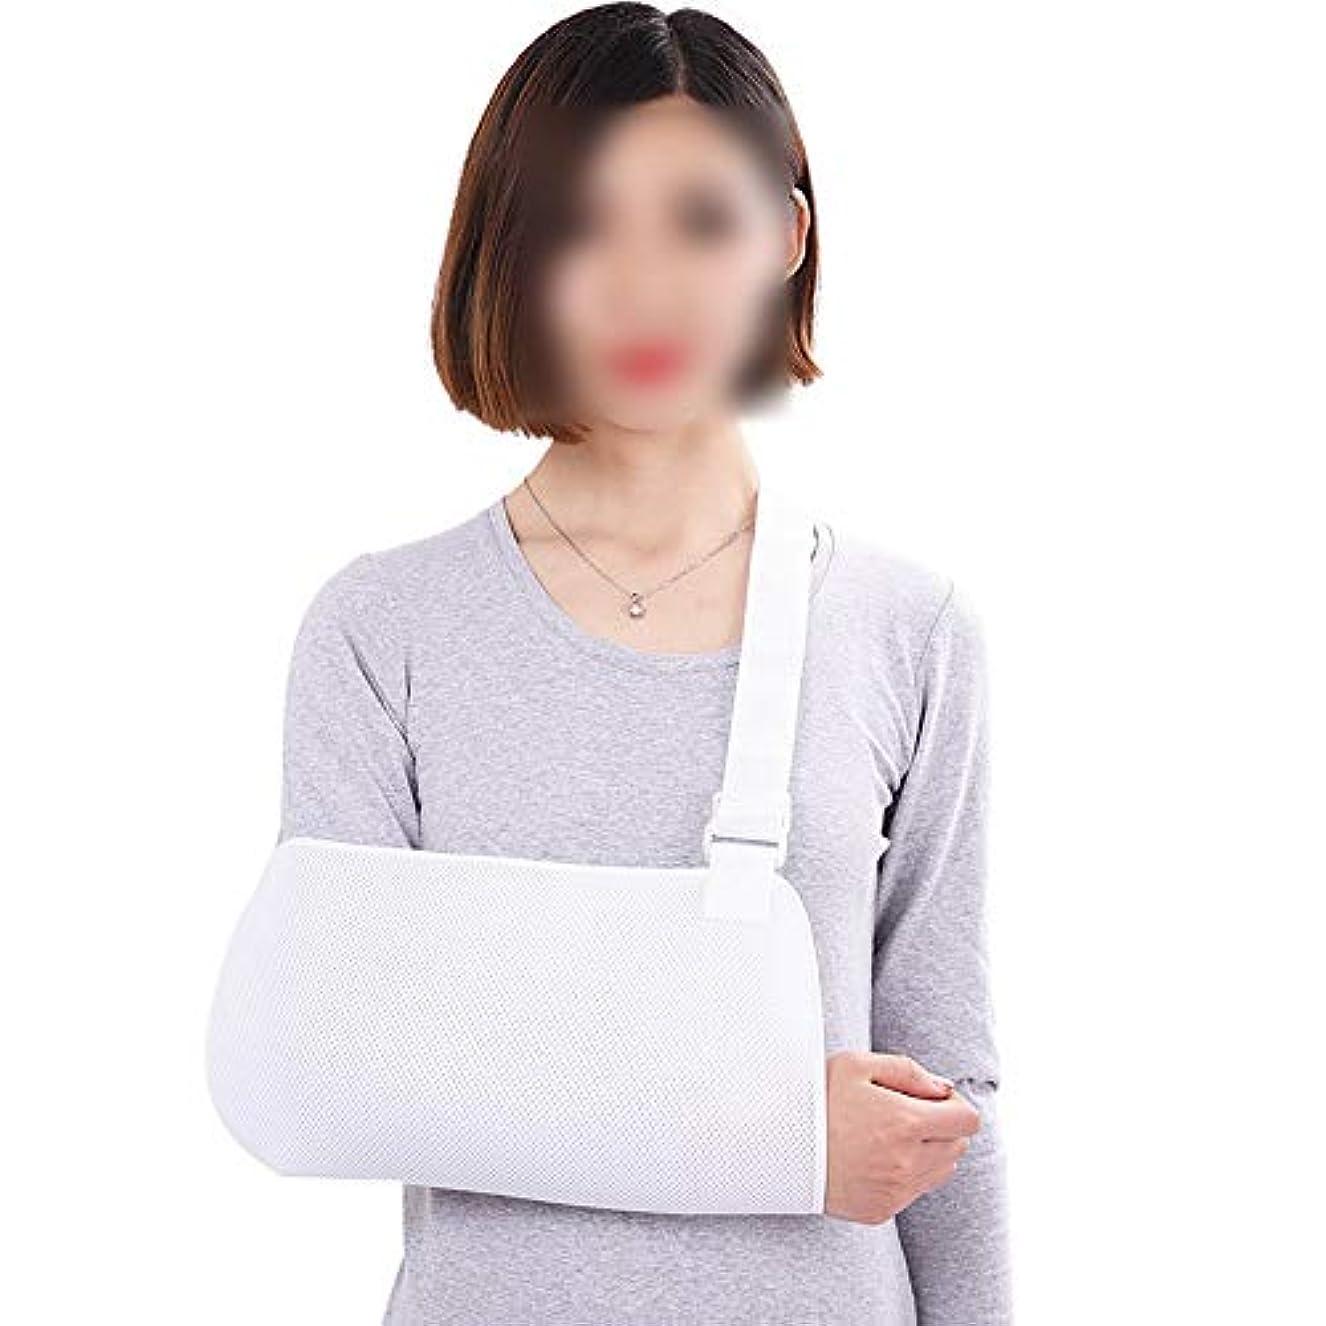 赤字委任レーザZYL-YL ハンギングネック包帯ホワイト前腕ストラップ腕手首肘関節の肩関節骨折負傷ソリッド装具ツールアームスリング